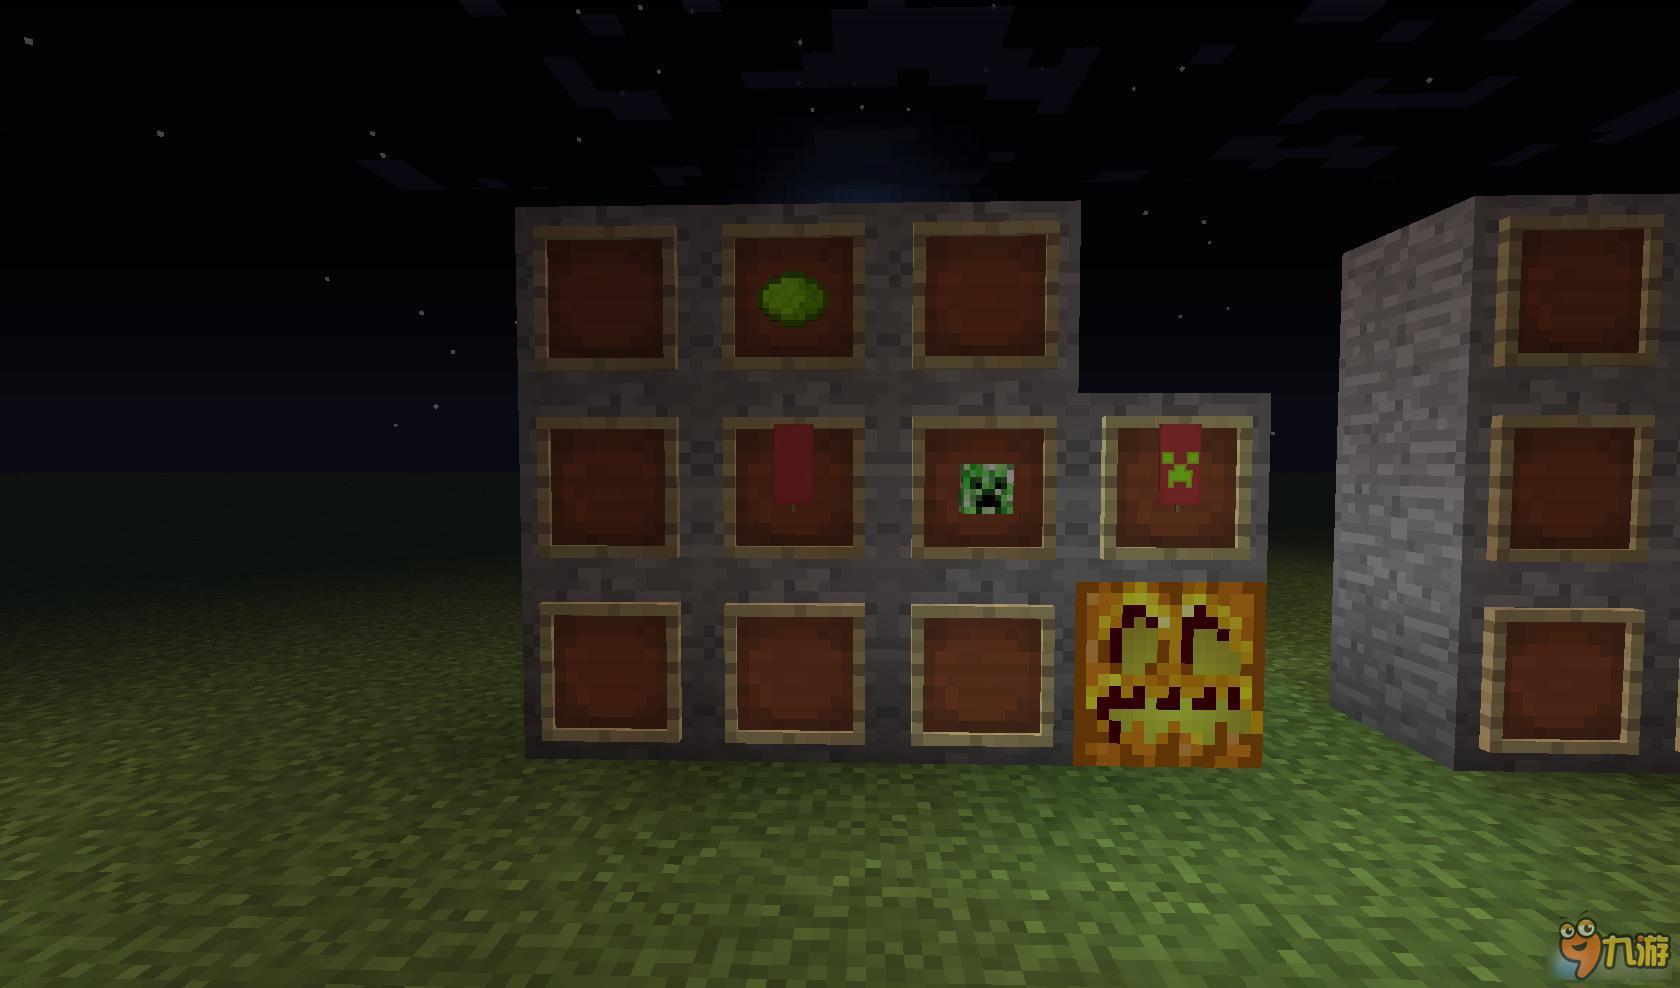 我的世界旗帜小怪兽制作方法介绍